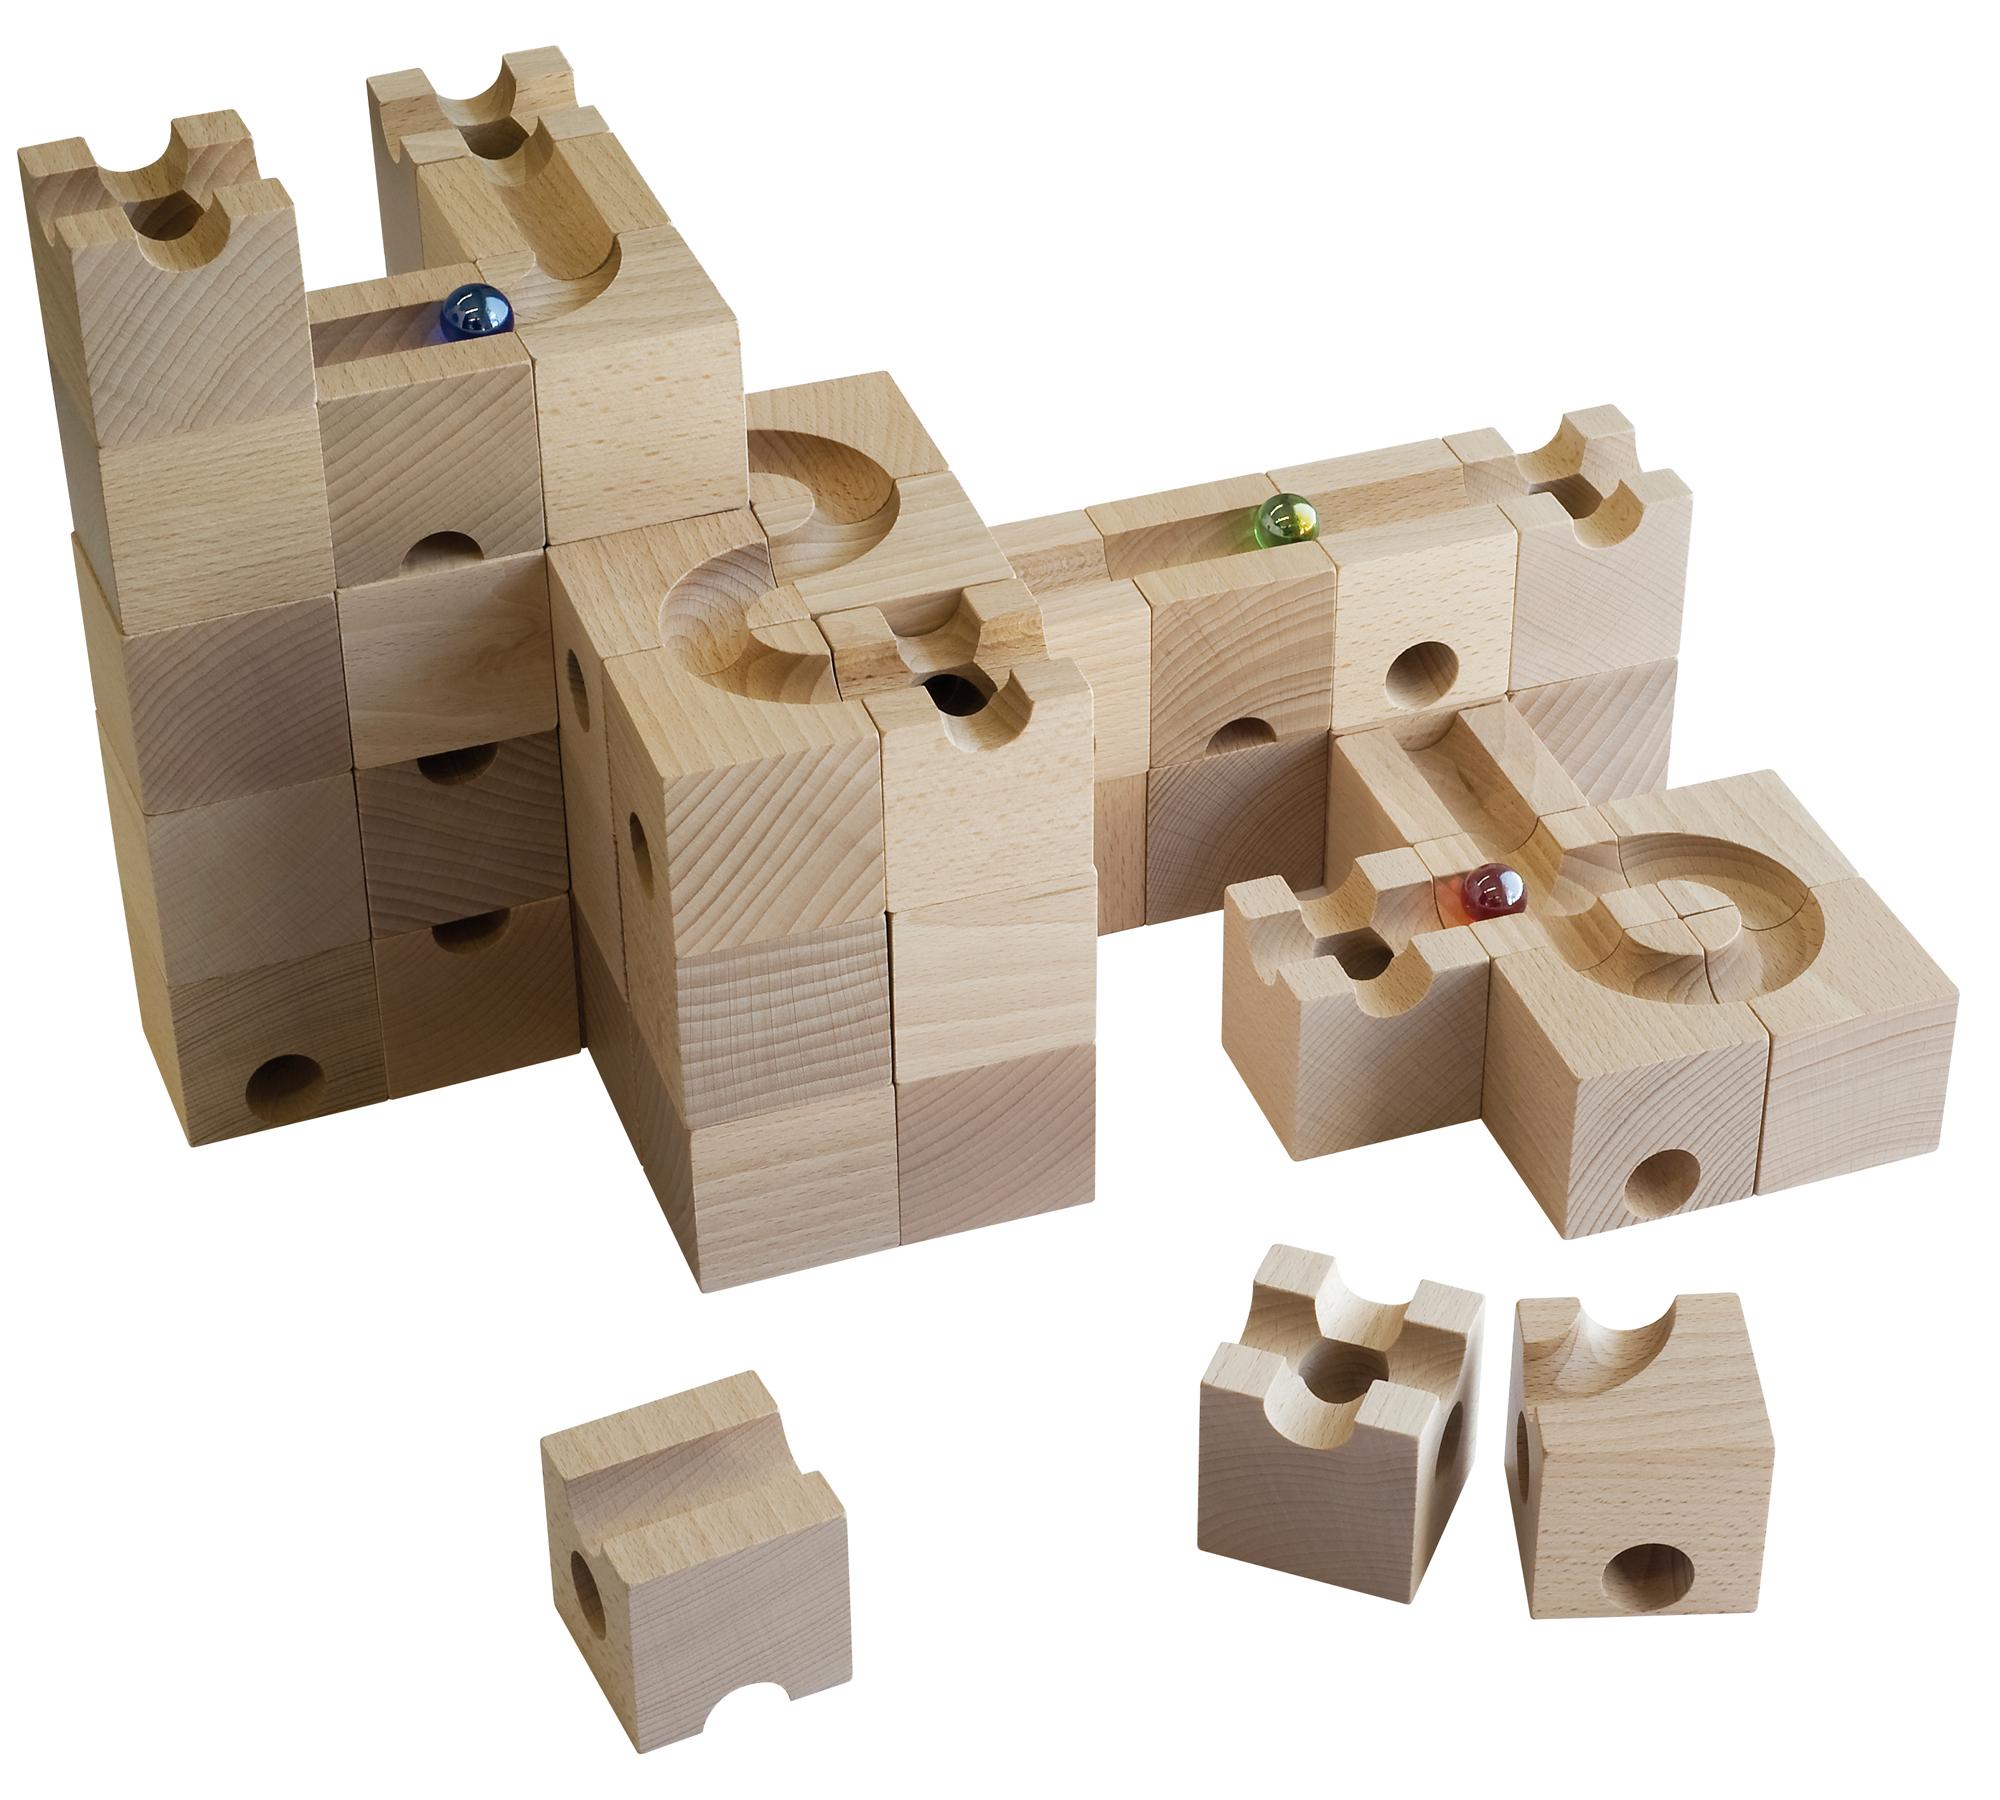 Kreatives Spielzeug für Kinder: Cuboro Kugelbahn // HIMBEER